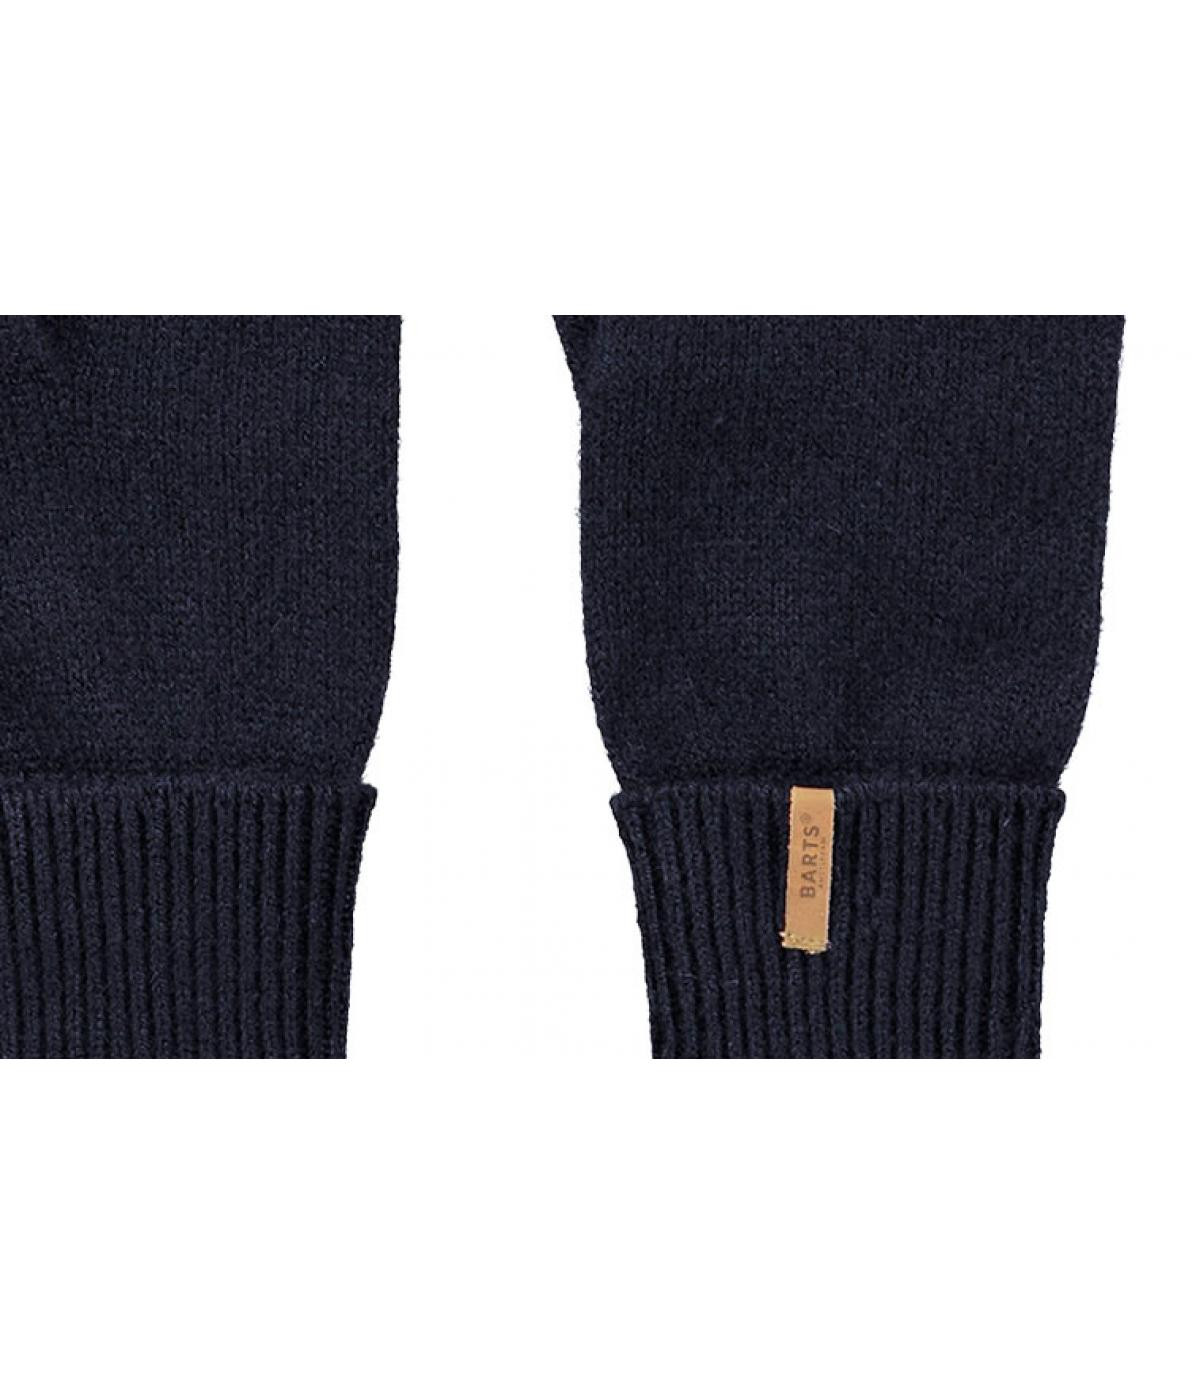 Handschuhe marineblau